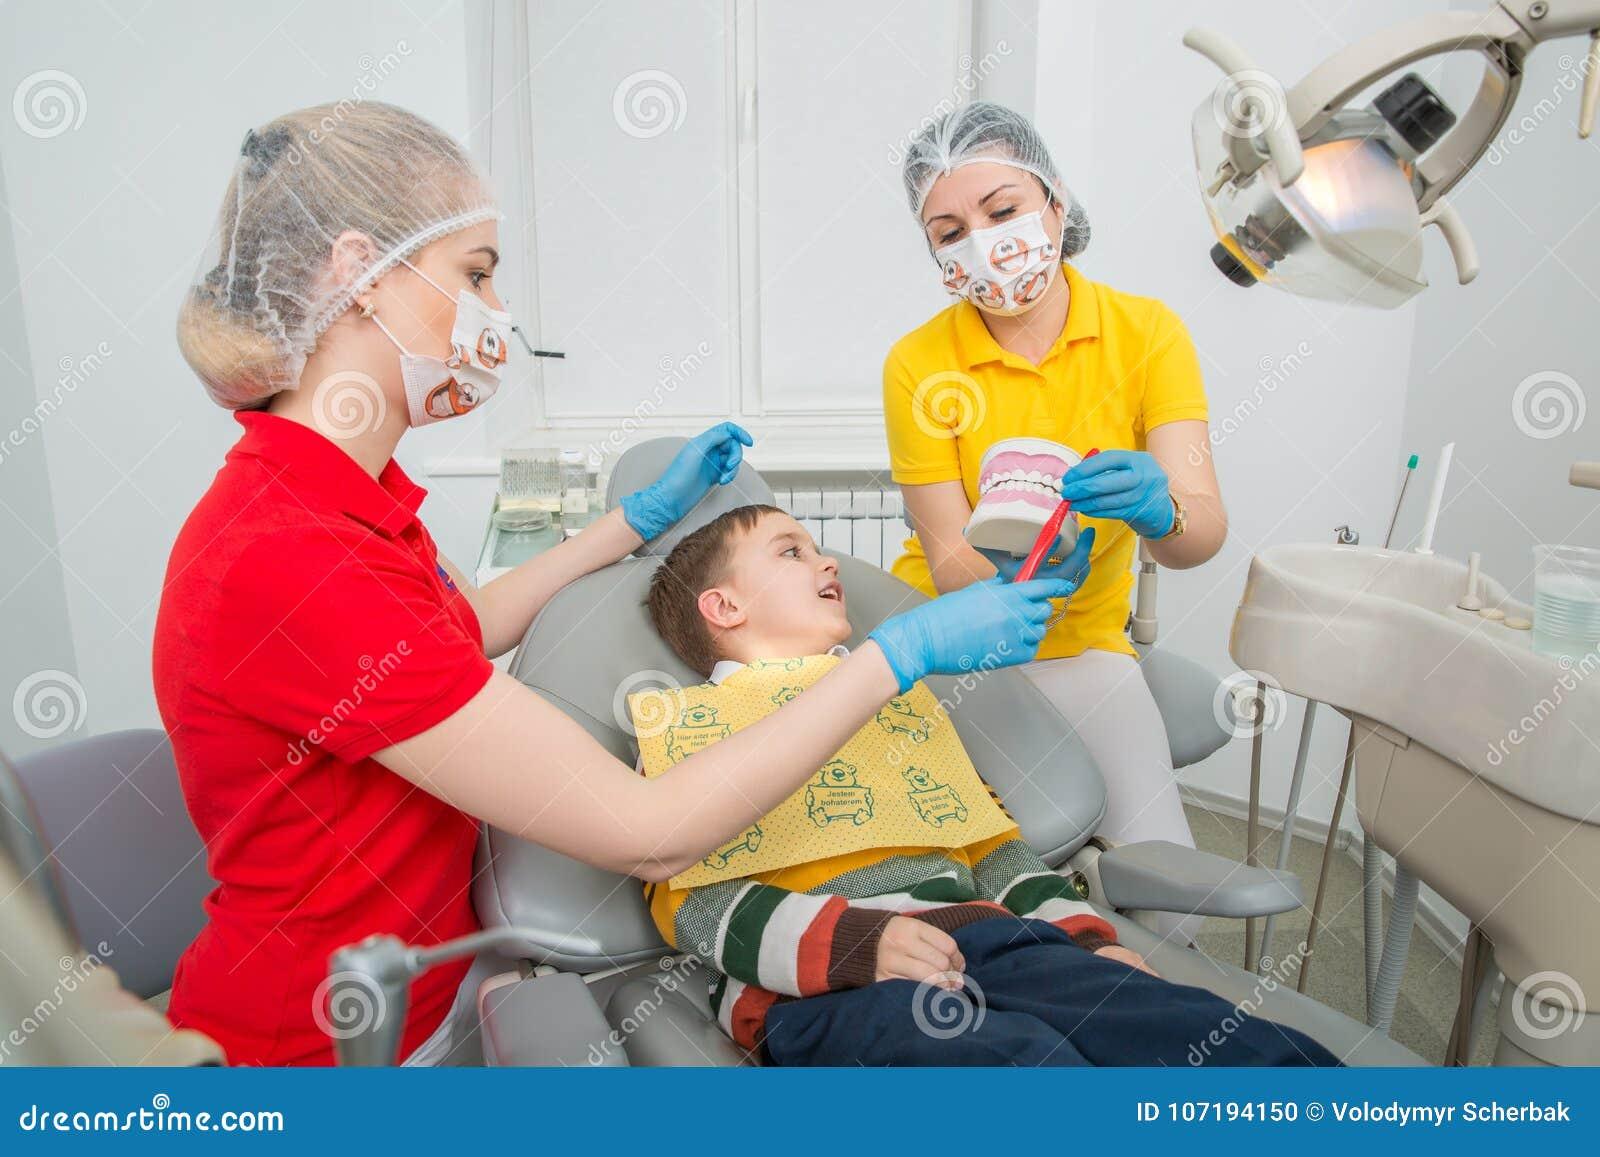 有显示小男孩如何的助理的牙医清洗牙与在一个人为下颌钝汉的一把牙刷